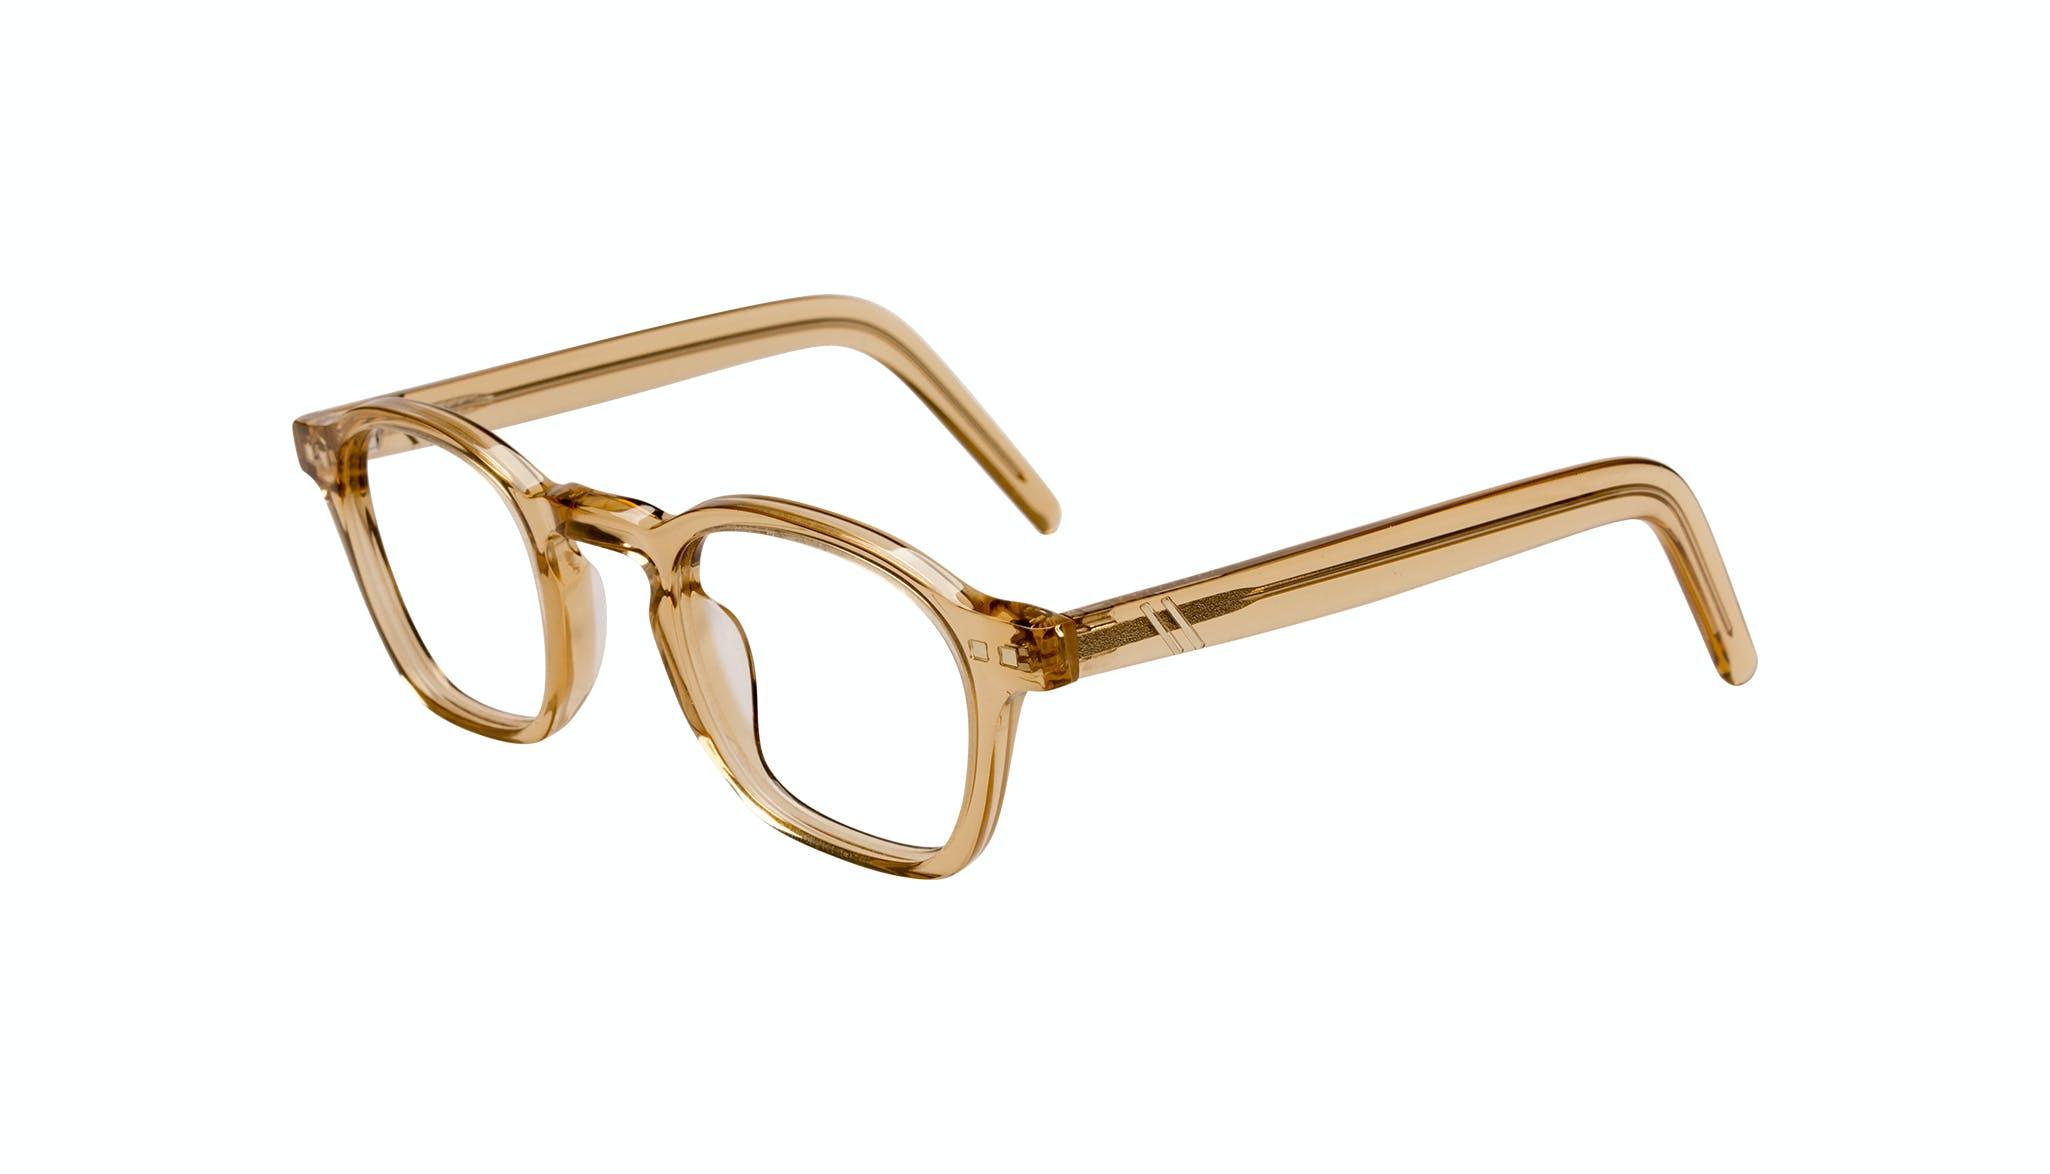 Lunettes tendance Carrée Lunettes de vue Hommes Brisk Golden Incliné